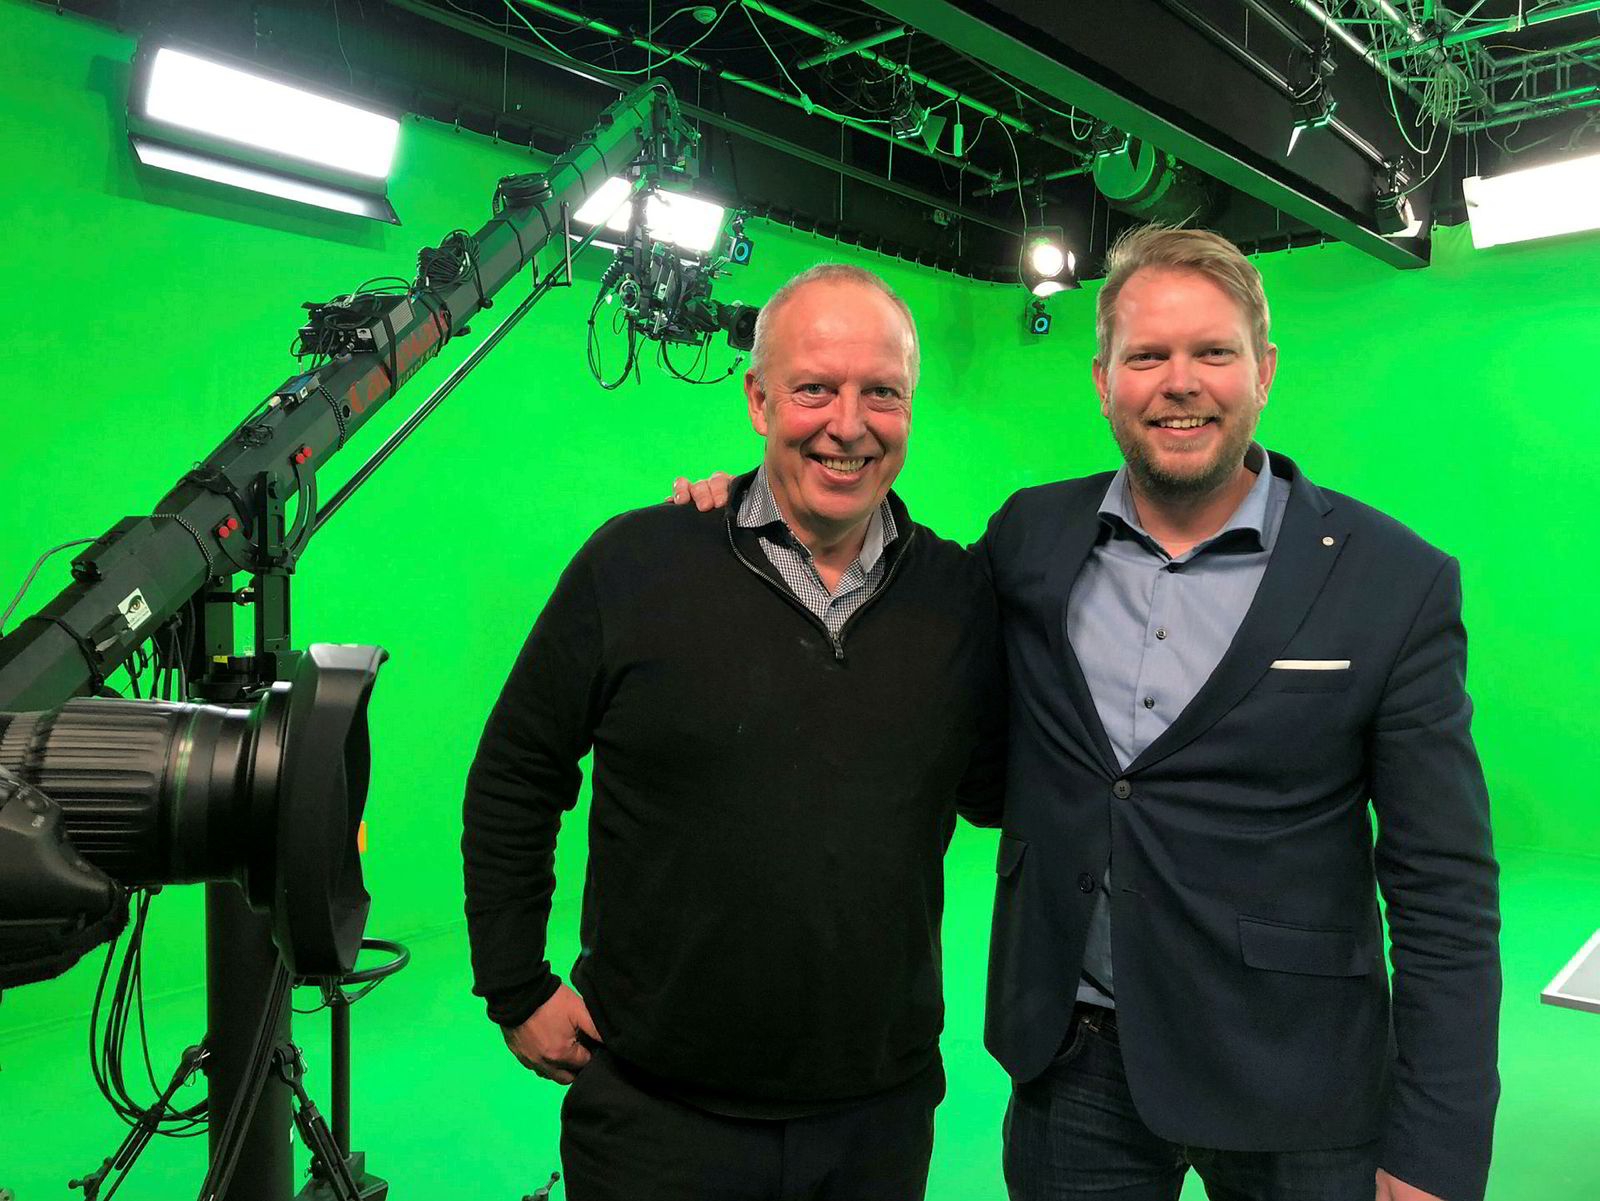 Alf Lande og Ole-Andreas Løvland kjøpte Ullevaal Media Center 23. november. En snau uke senere ble tre ansatte oppsagt.